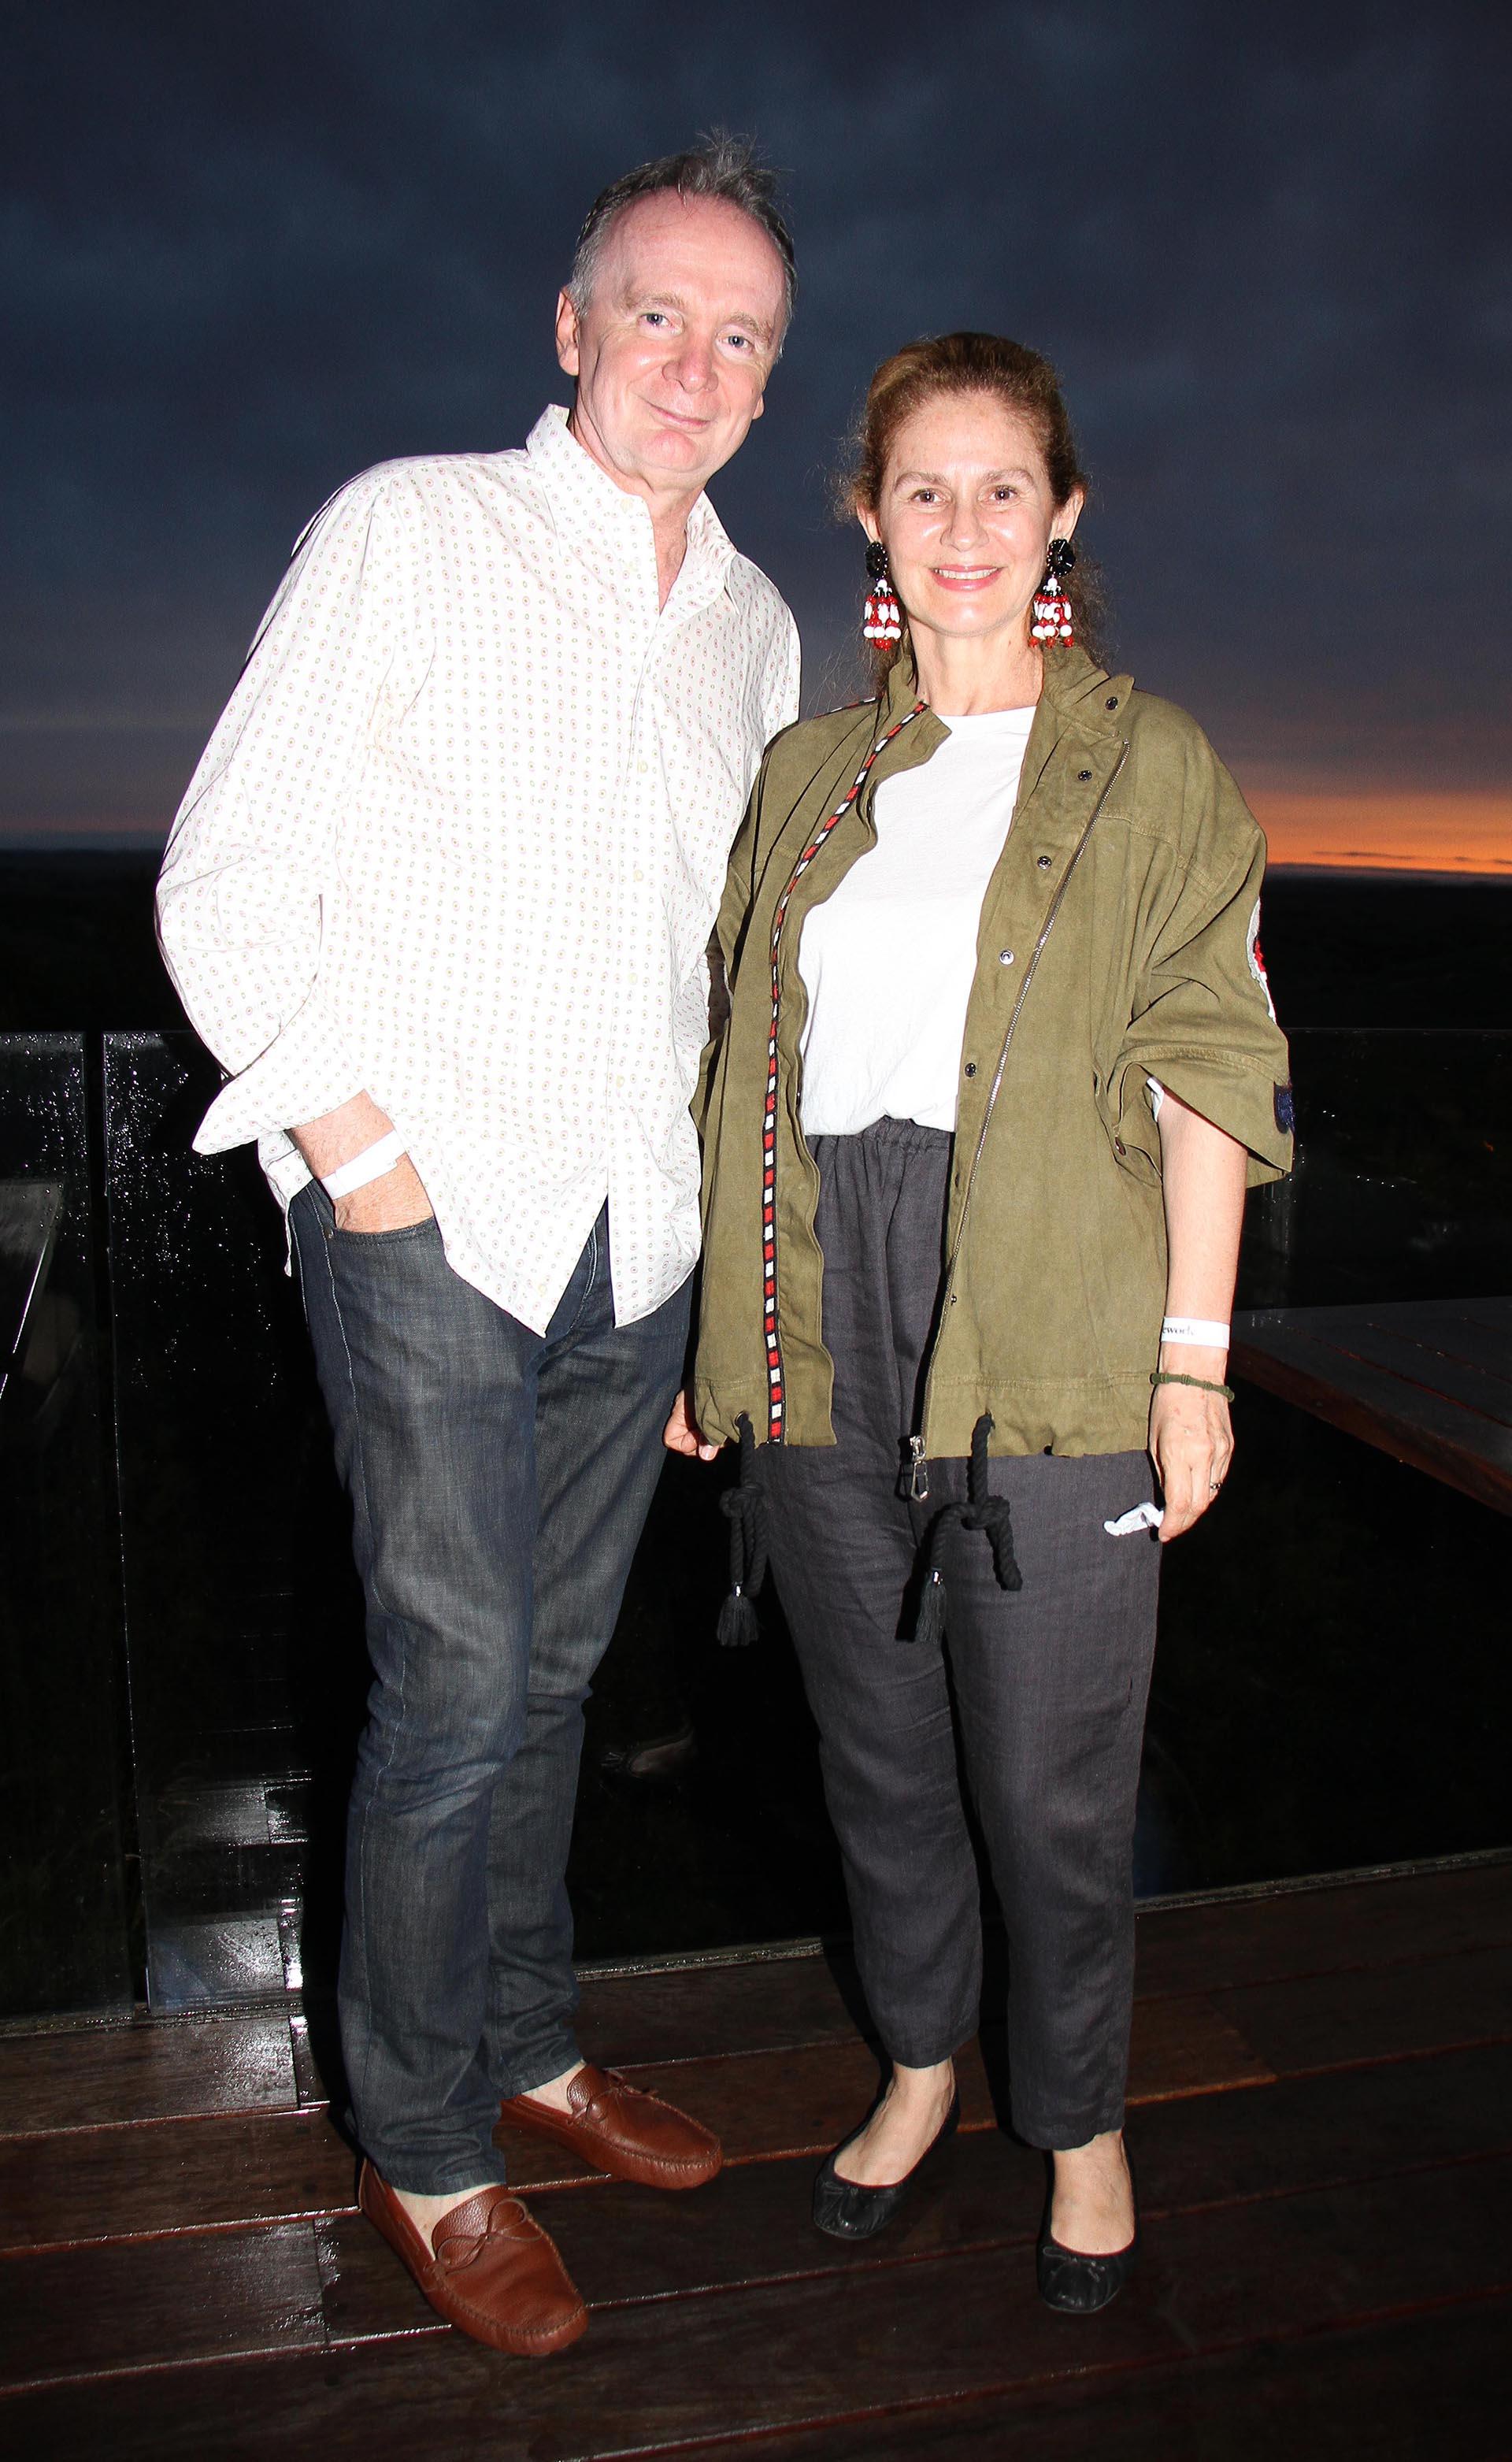 Santiago Anchorena y su mujer Martina